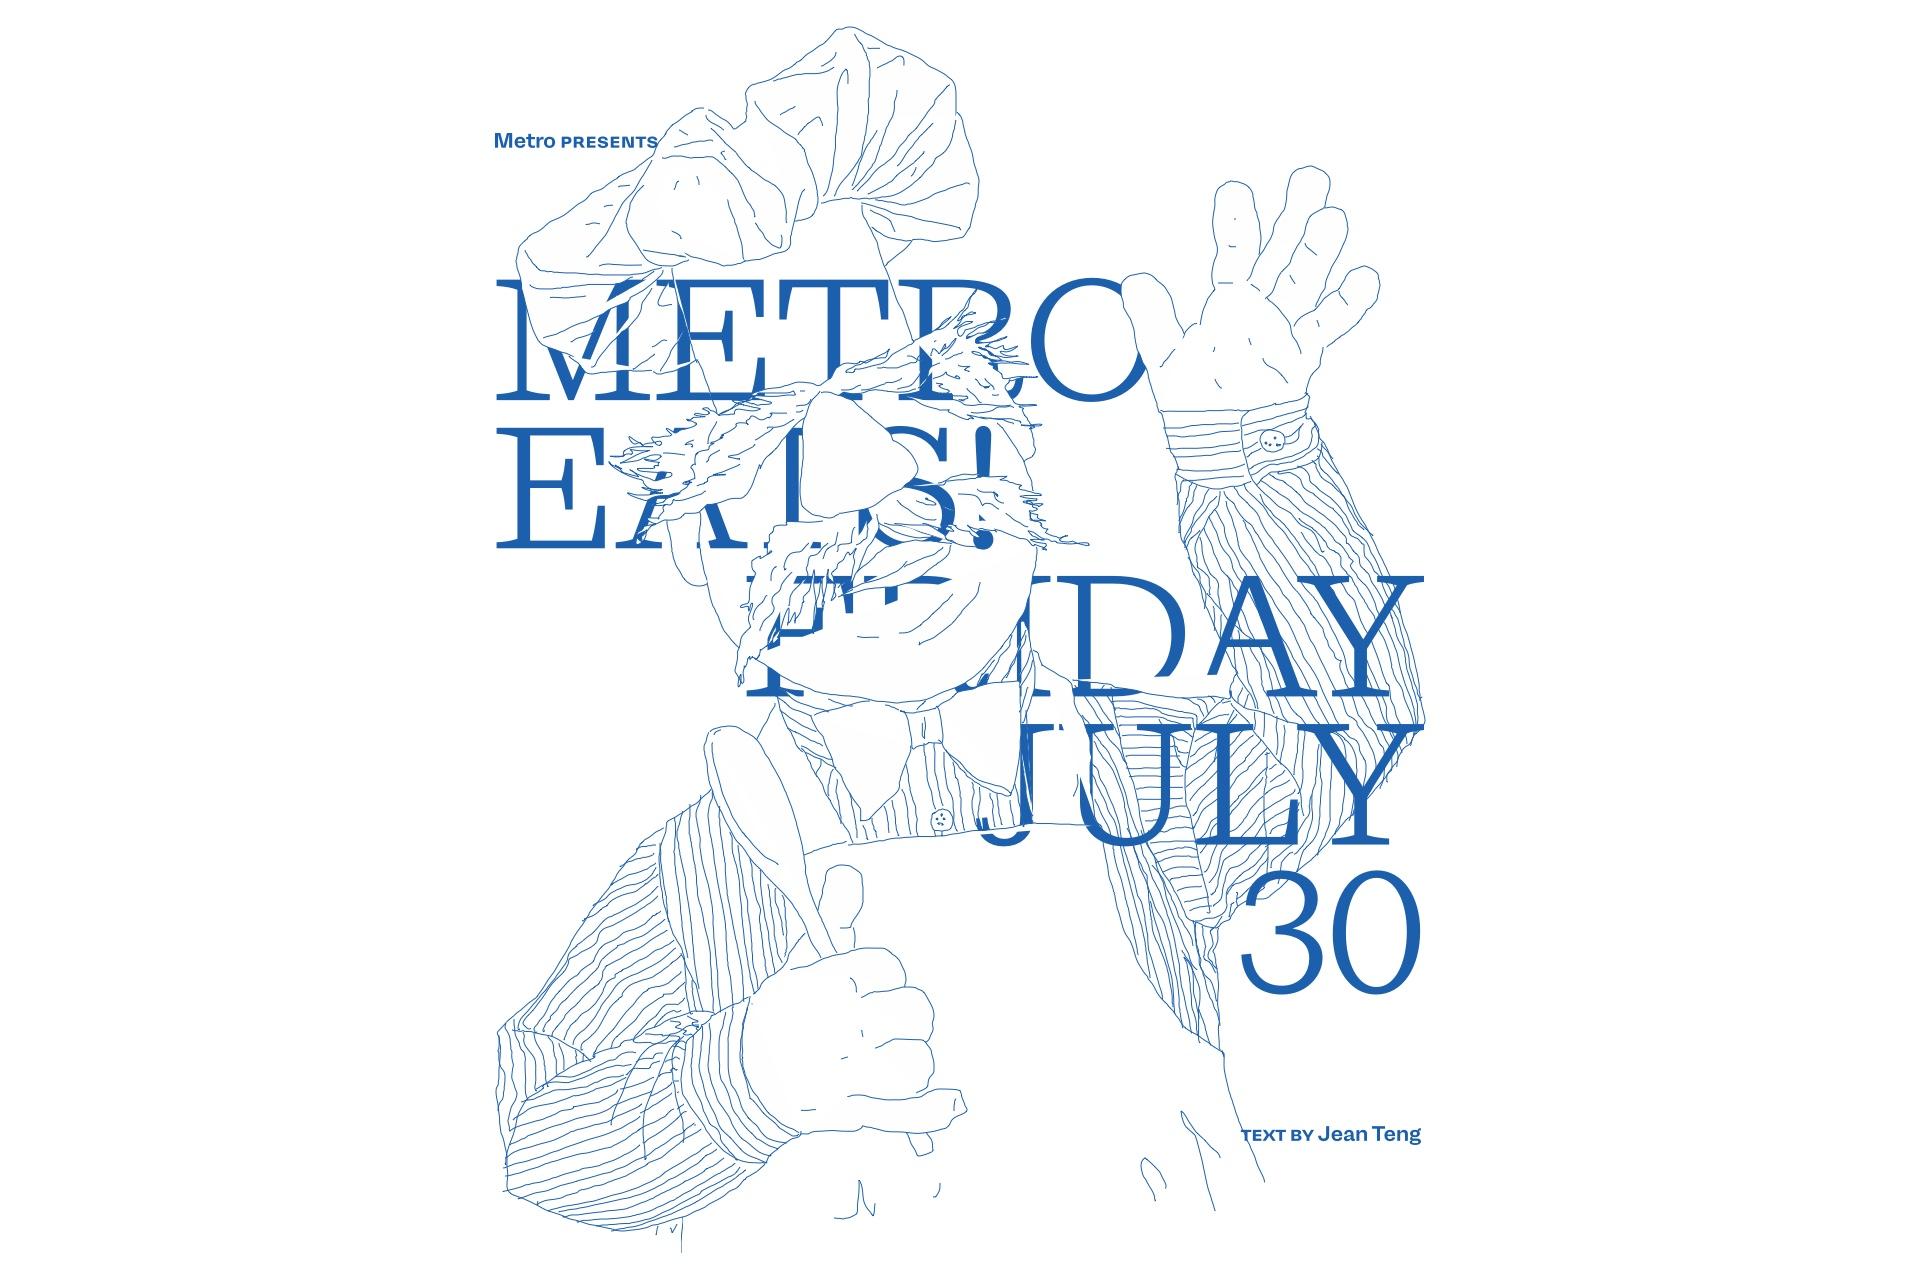 Metro Eats — Friday 30 July